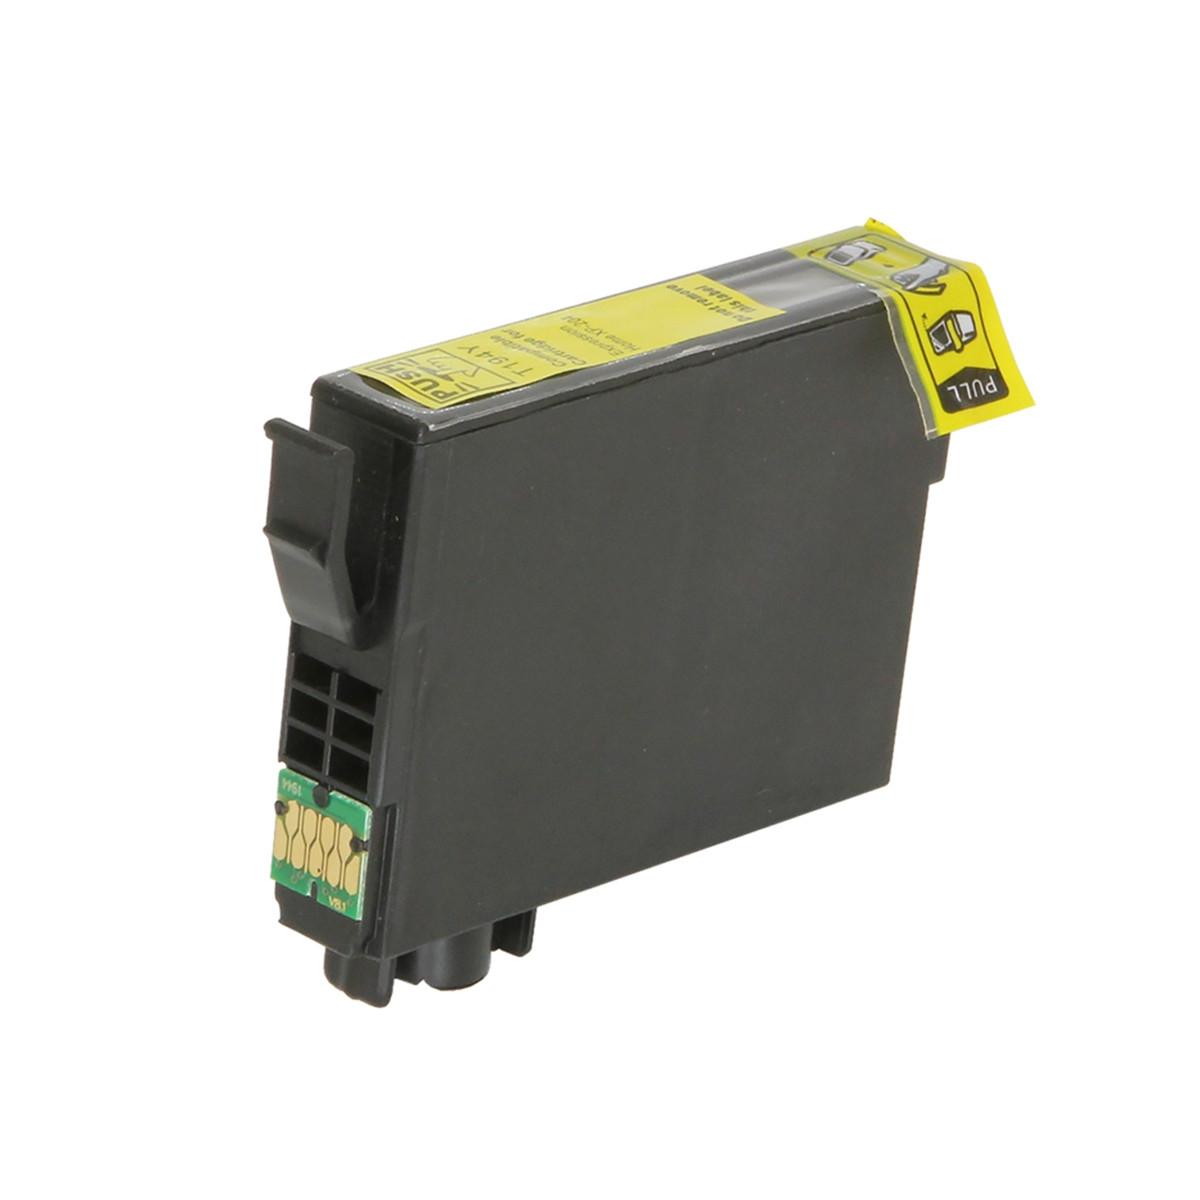 Cartucho de Tinta Compatível com Epson T194 T194420 T1944 Amarelo | XP214 XP 204 XP204 | 8ml